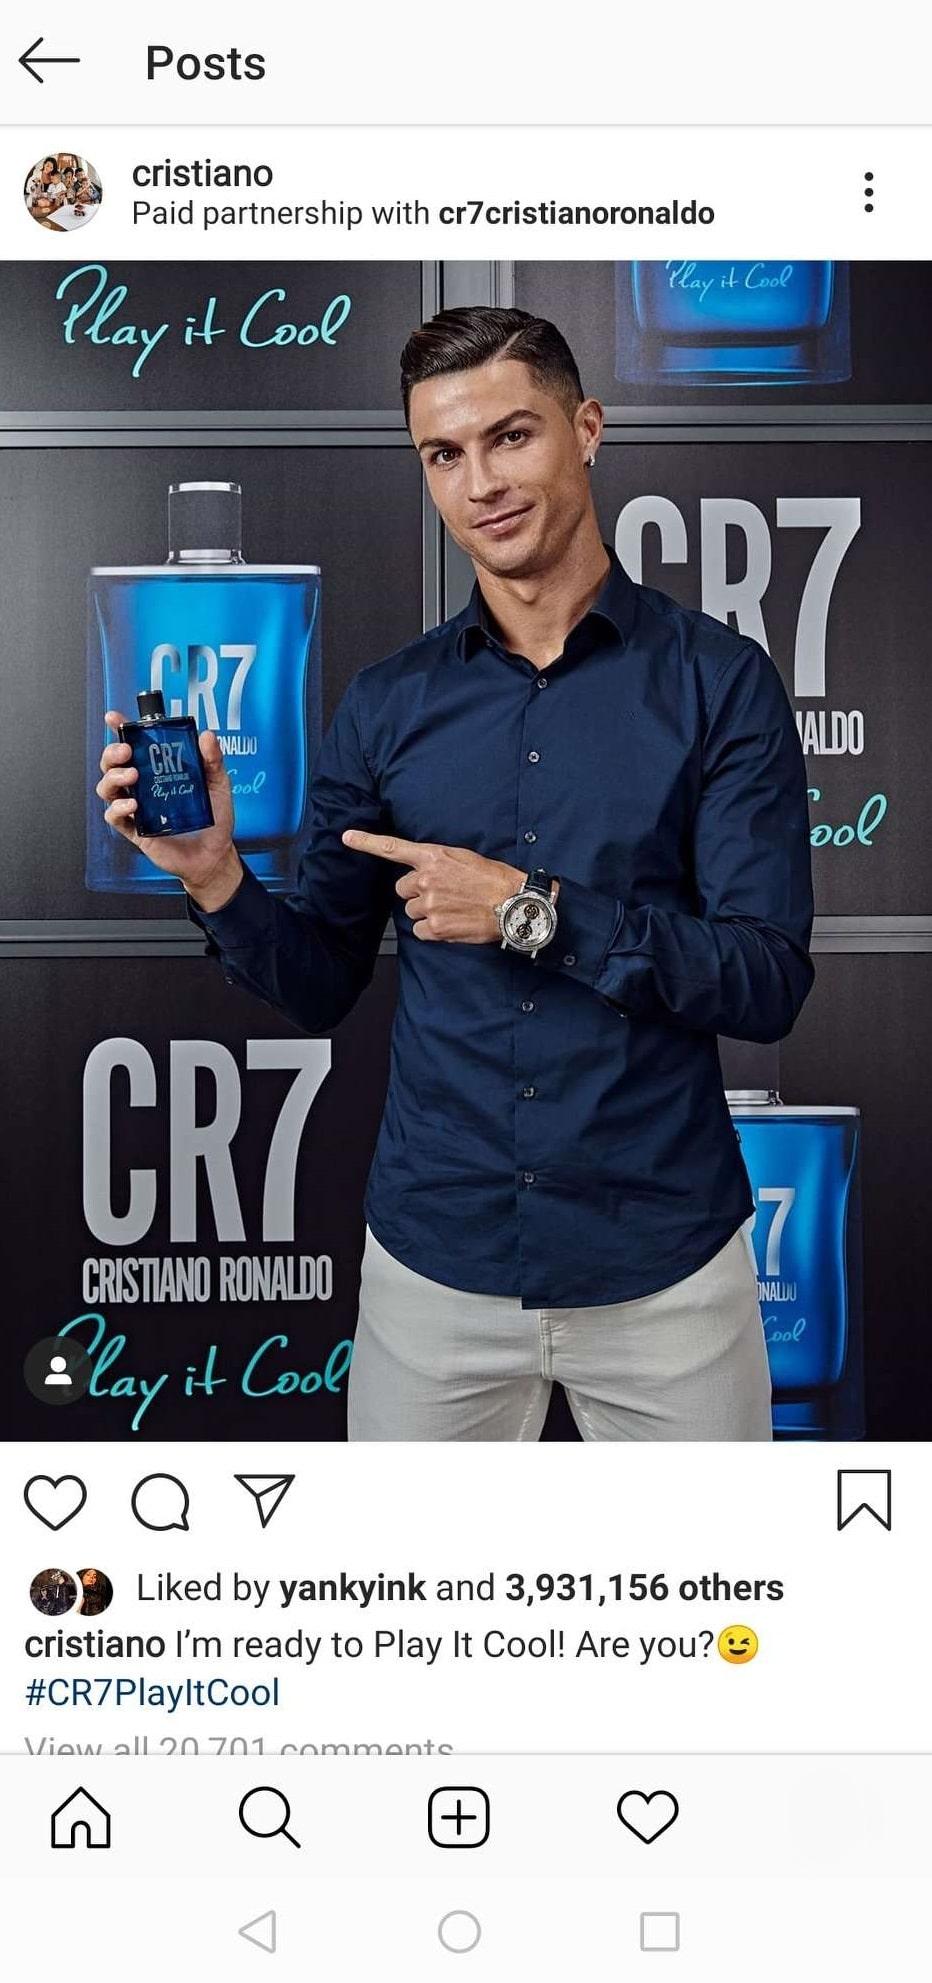 cristiano ronaldo brand